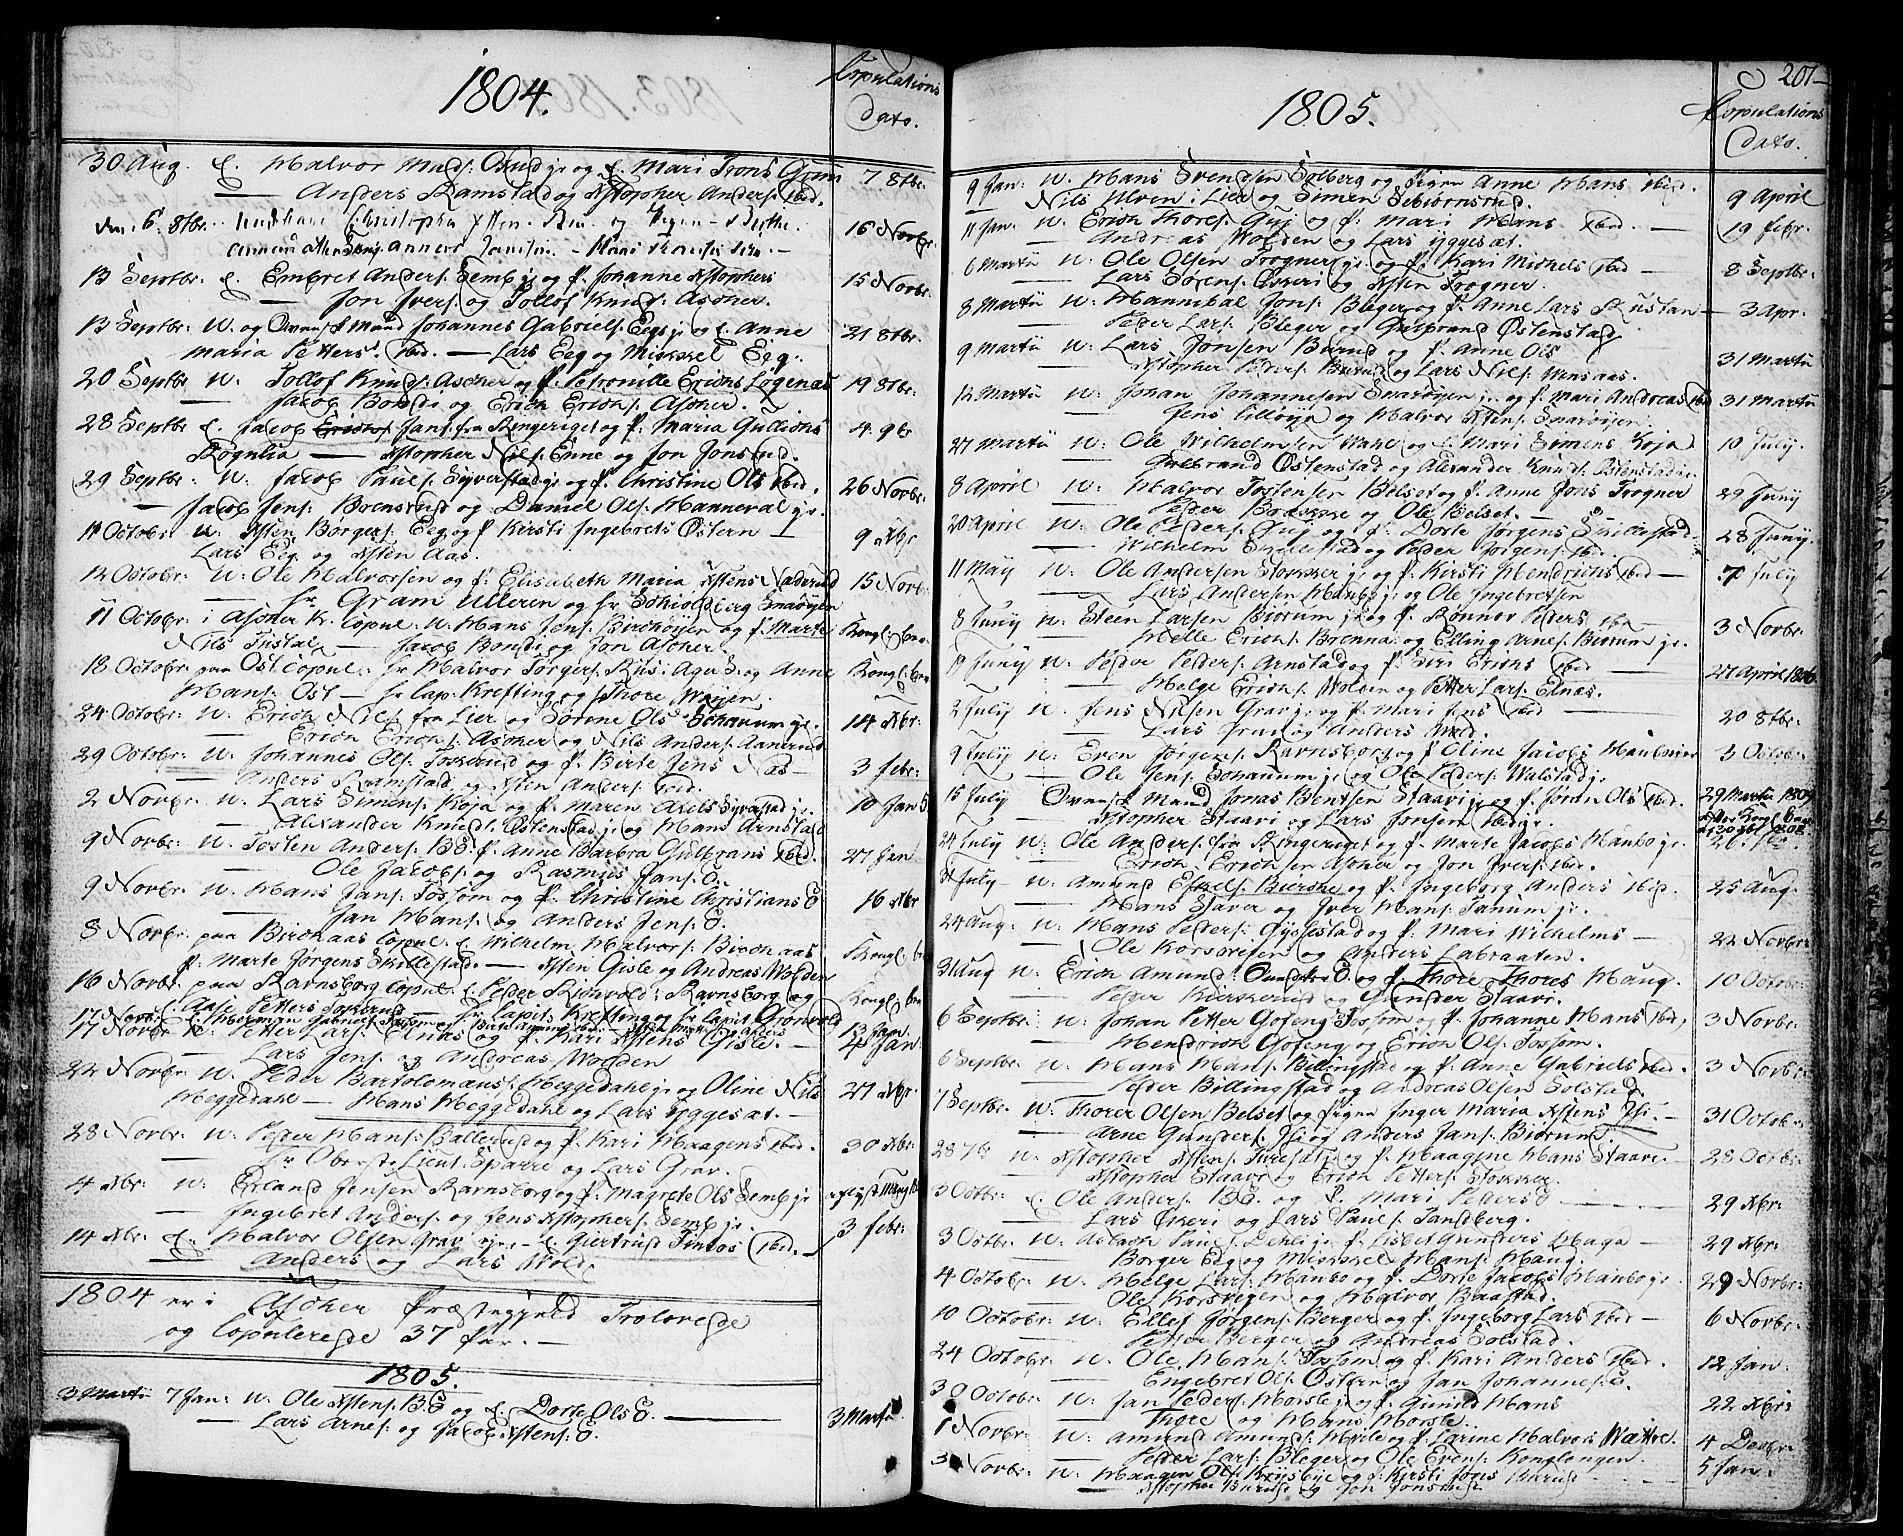 SAO, Asker prestekontor Kirkebøker, F/Fa/L0003: Ministerialbok nr. I 3, 1767-1807, s. 201